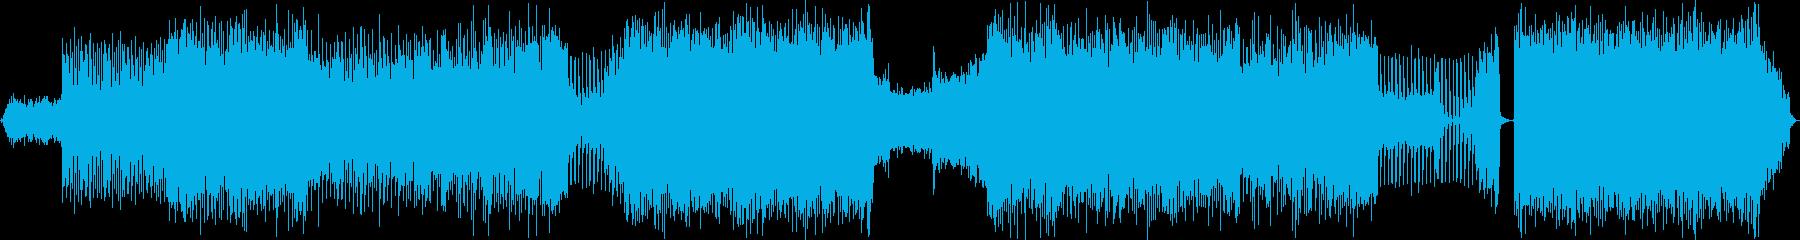 【アコギ抜き】アコギ+EDM  の再生済みの波形